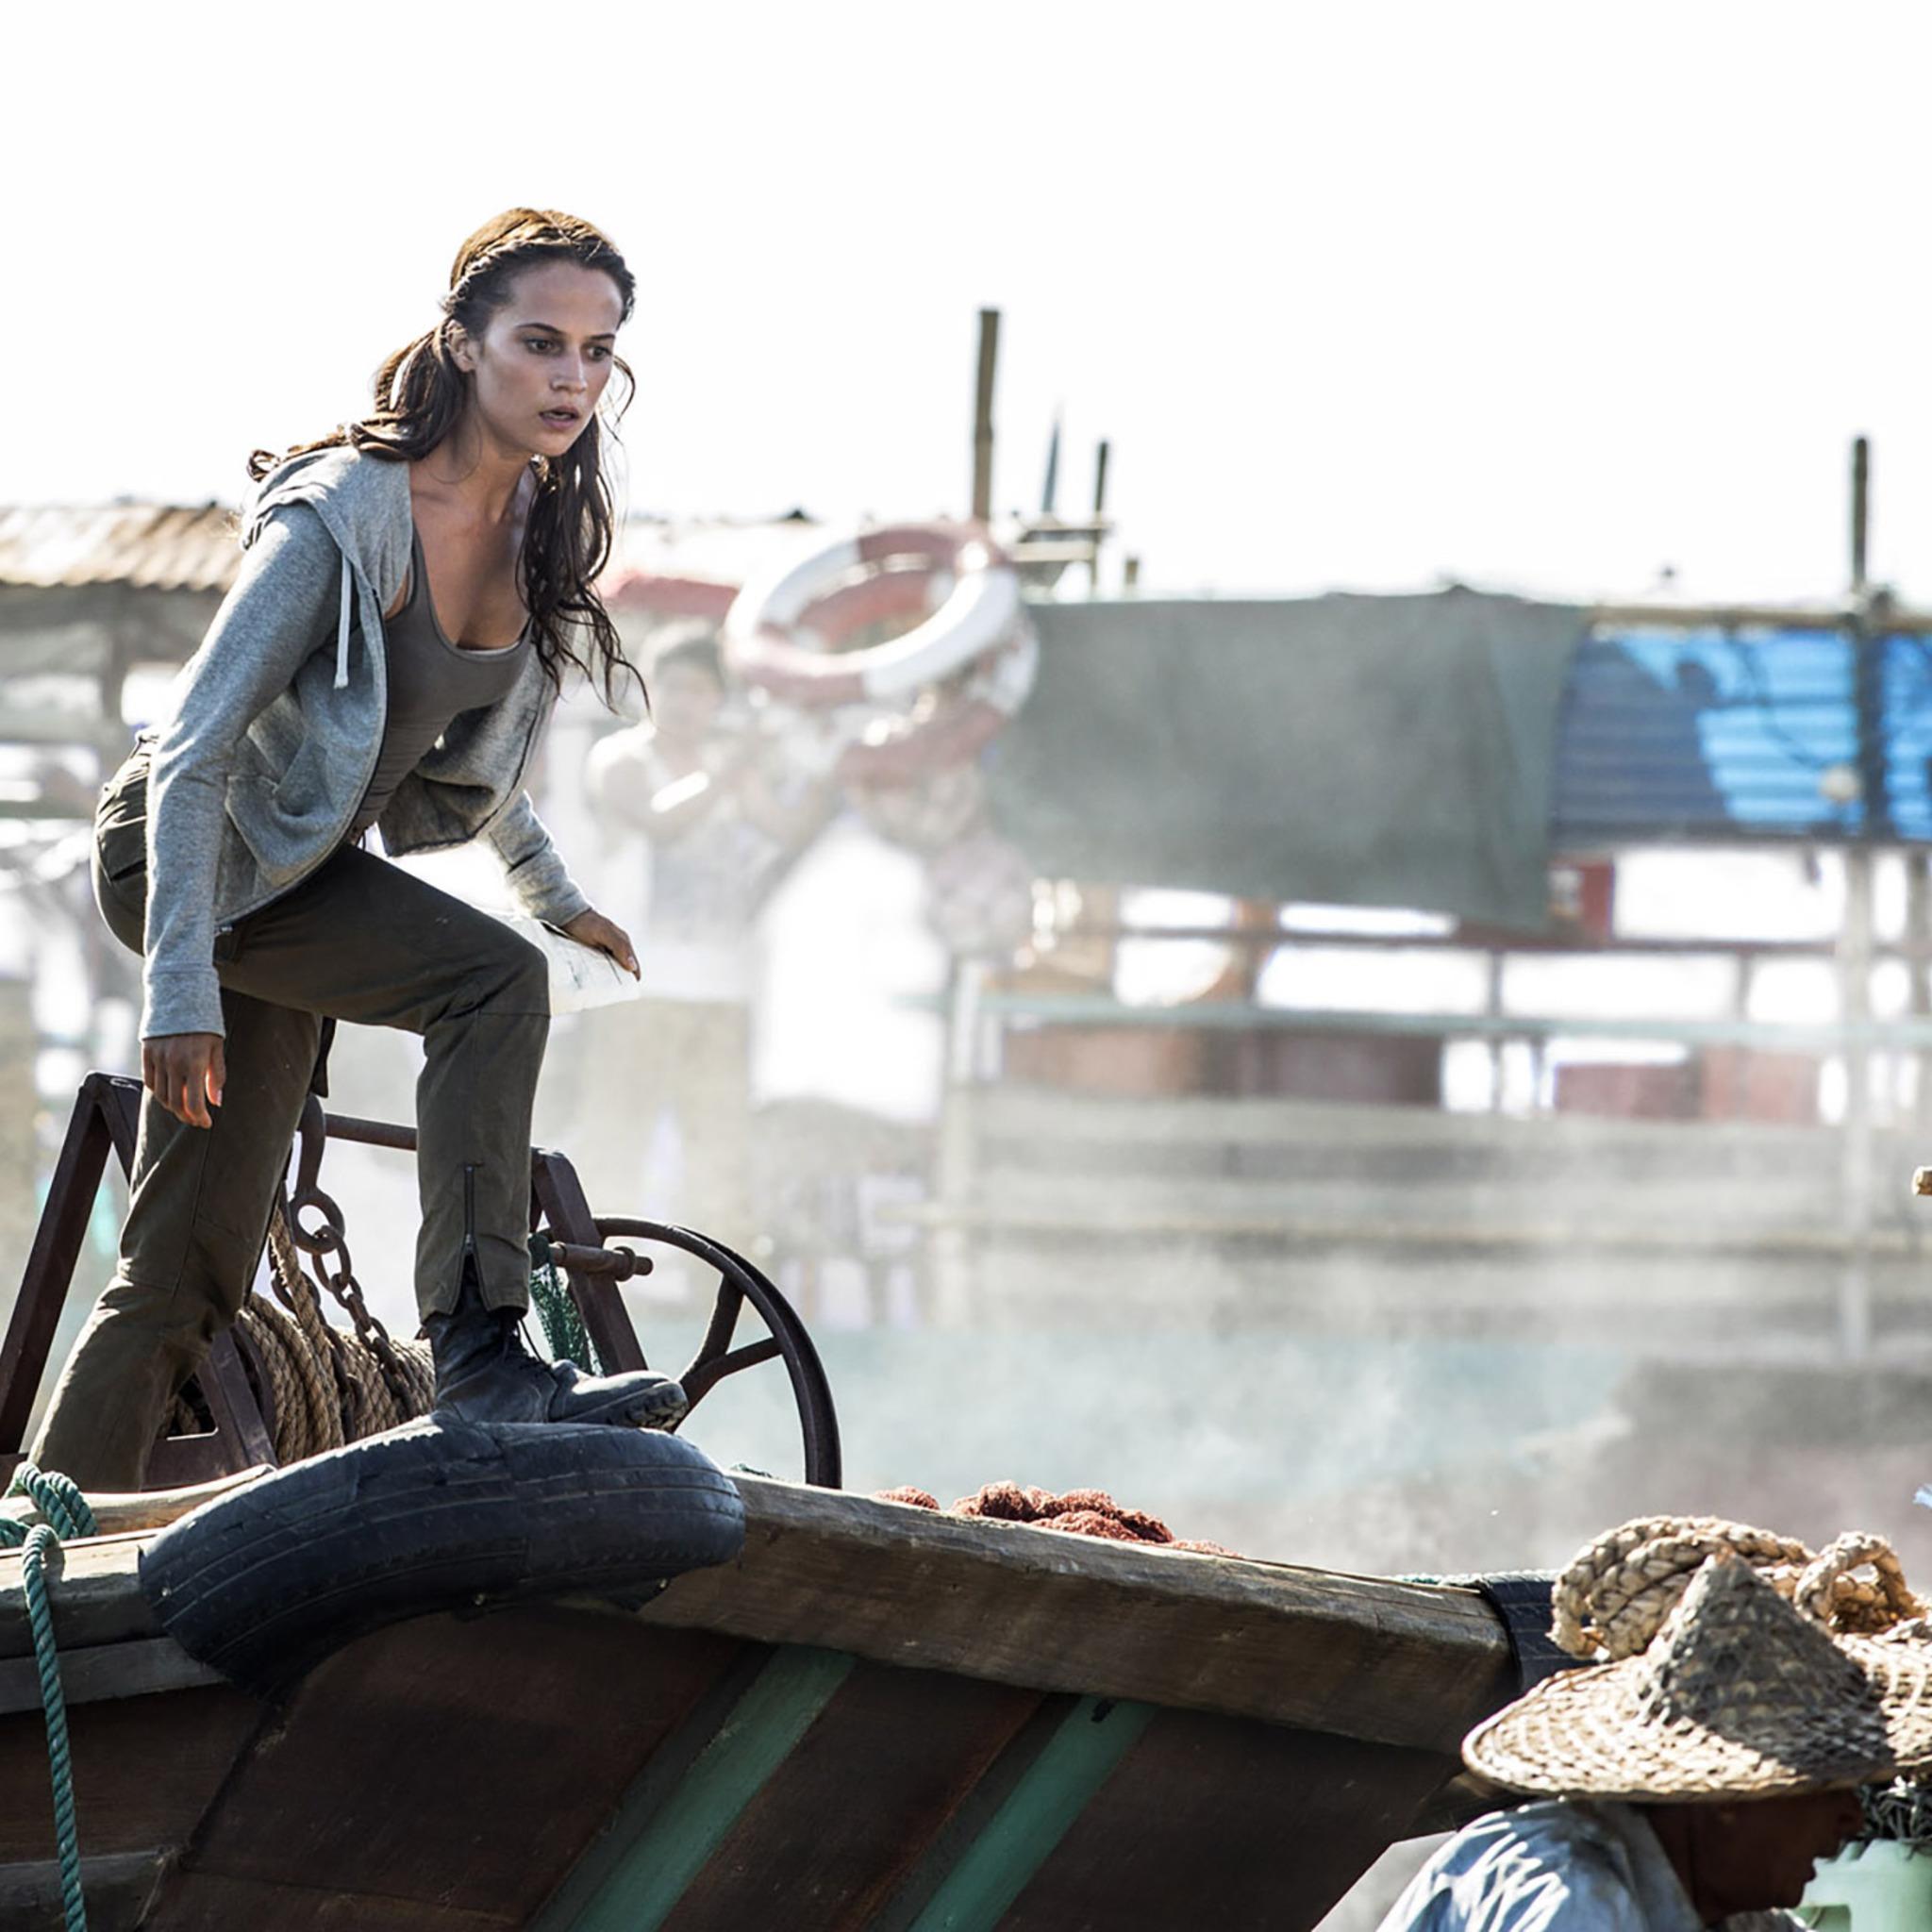 Wallpaper Tomb Raider 2018: 2048x2048 Tomb Raider 2018 Alicia Vikander Movie Ipad Air